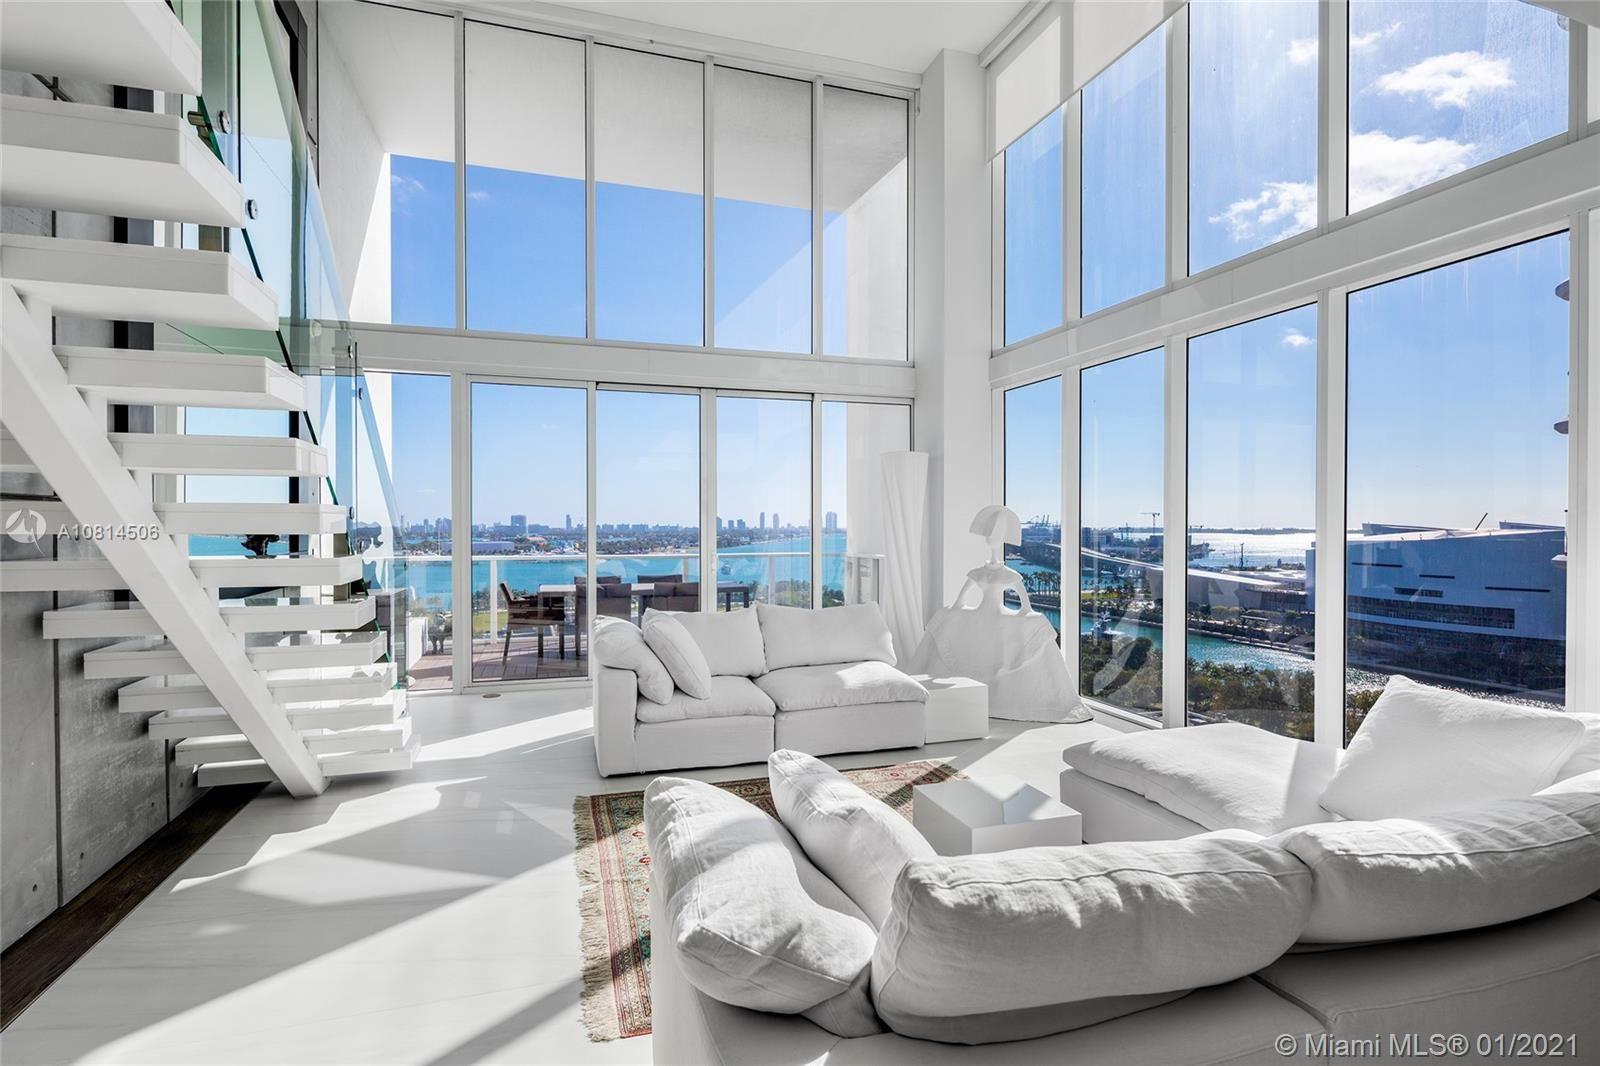 1040 Biscayne Blvd #1201, Miami, FL 33132 - #: A10814506